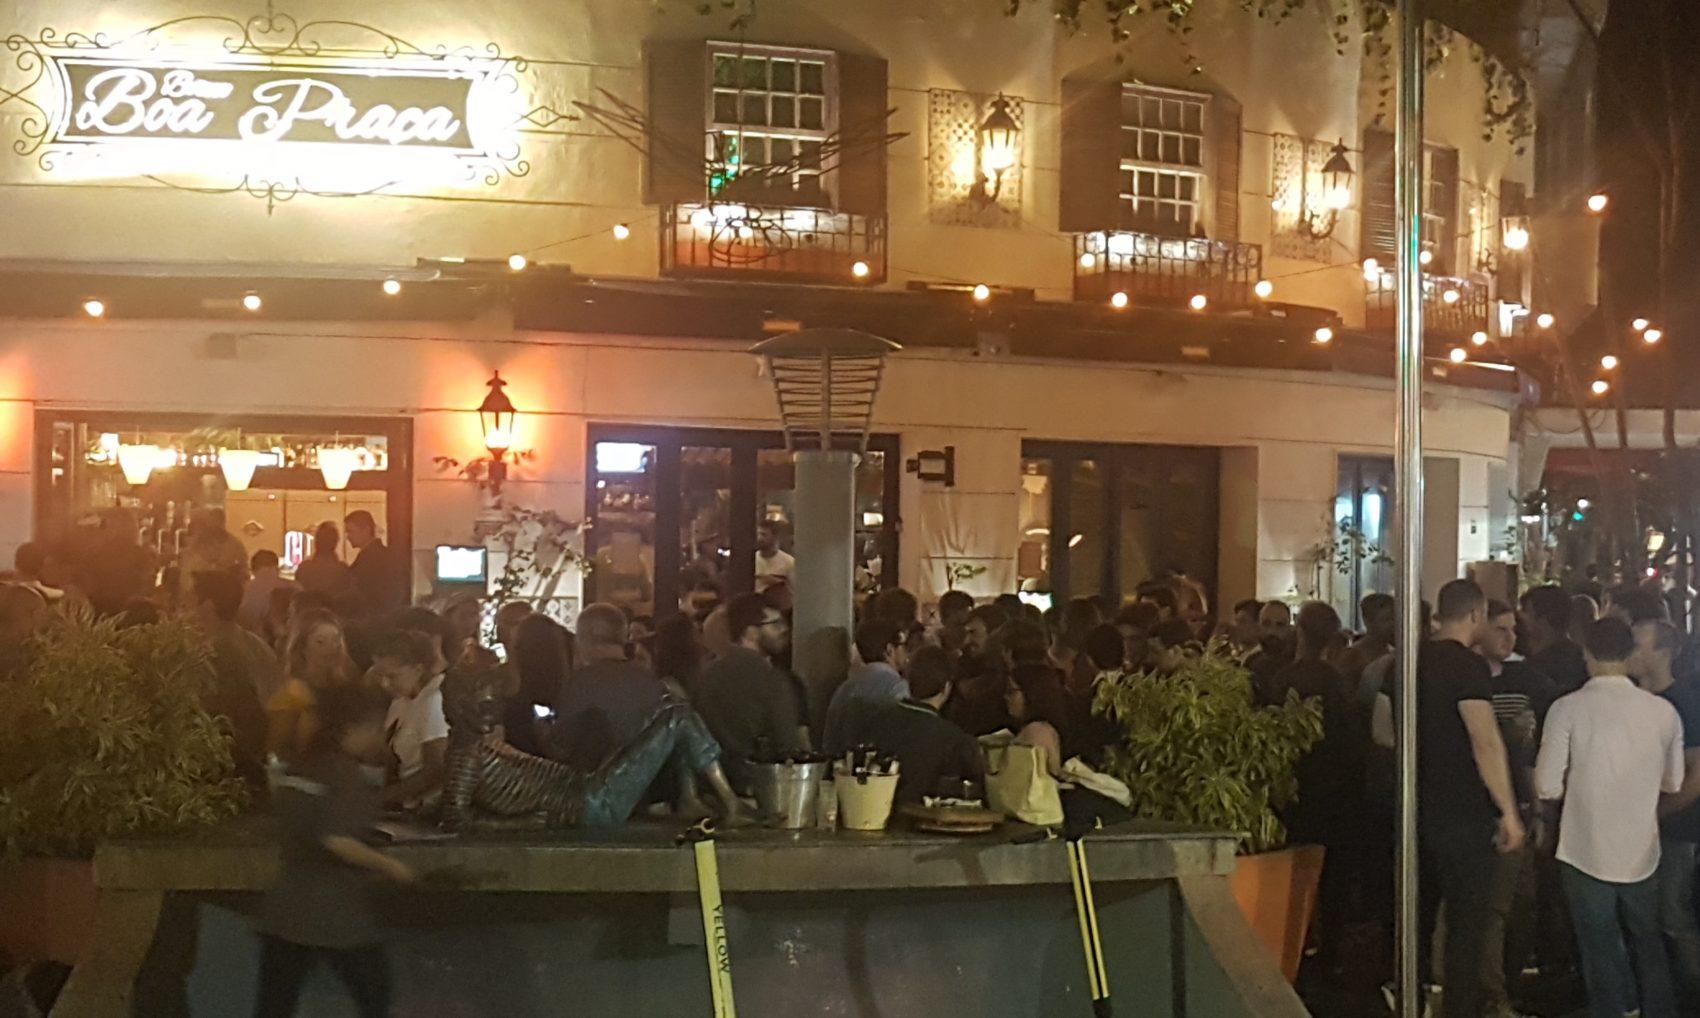 Calçada lotada numa quinta-feira en frente bar vizinho à estátua do poeta Cazuza: a praça é do povo (Foto: Oscar Valporto)